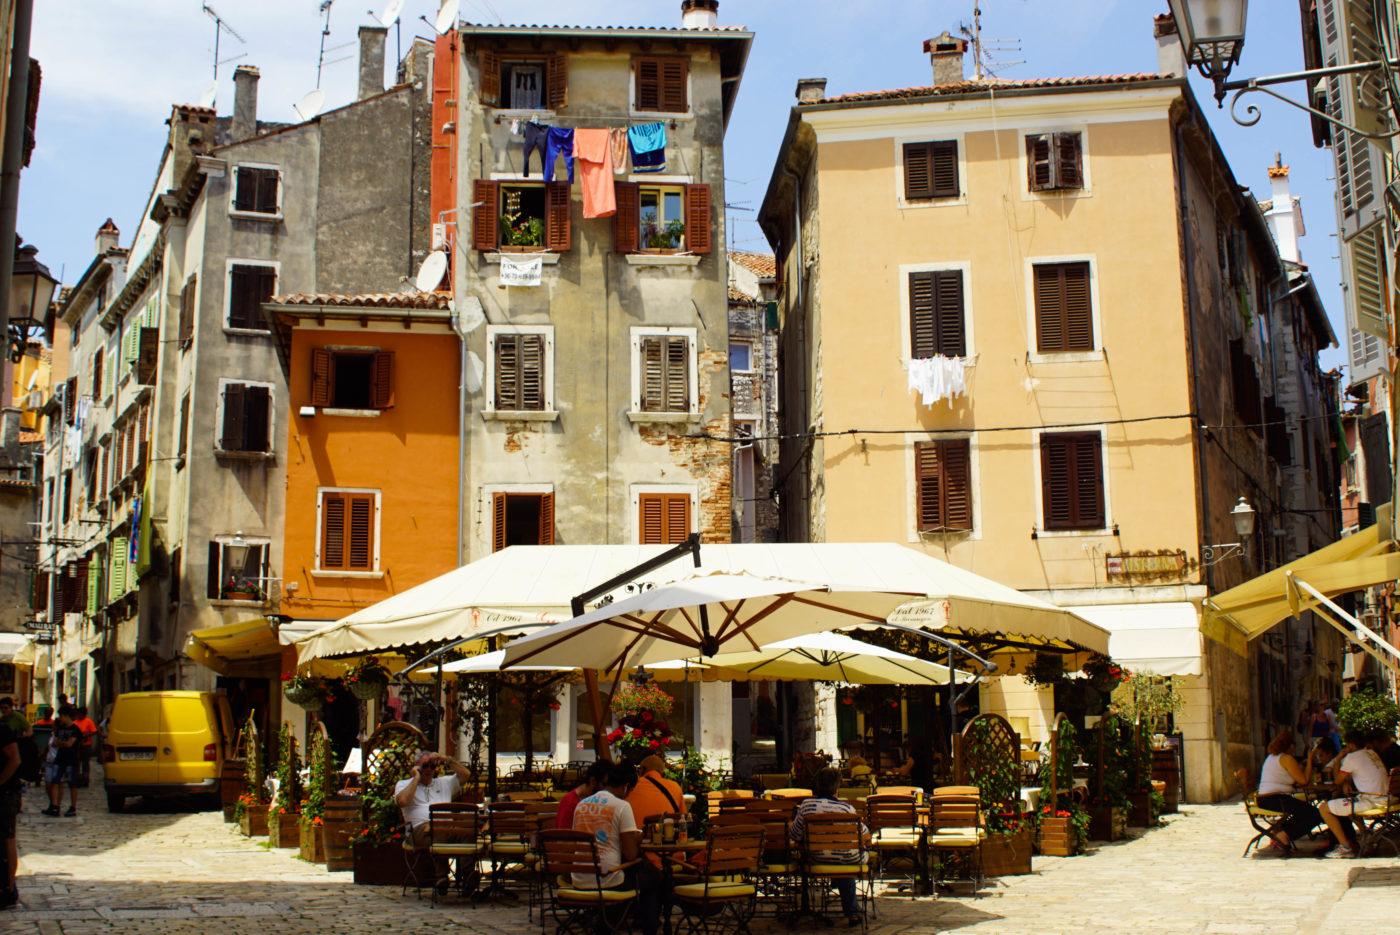 Es ist ein typischer mediterraner Platz zu sehen. Im Vordergrund sind große Sonnenschirme und darunter genießen Leute die Atmosphäre. Drei schmale Gassen führen sternförmig zwischen drei und vierstöckigen Häusern weg.